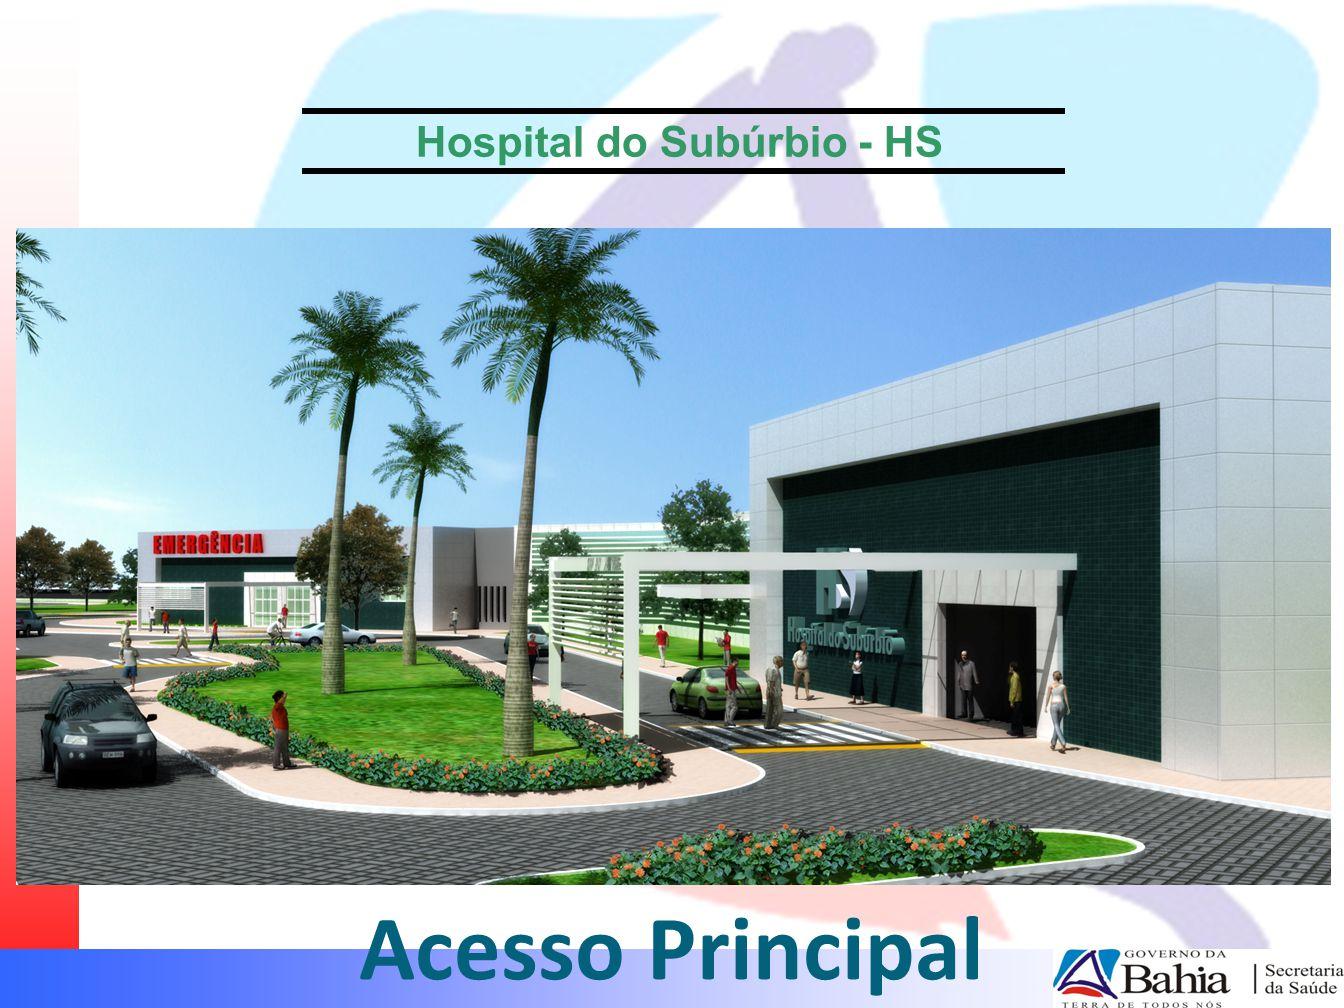 Hospital do Subúrbio - HS Acesso Principal